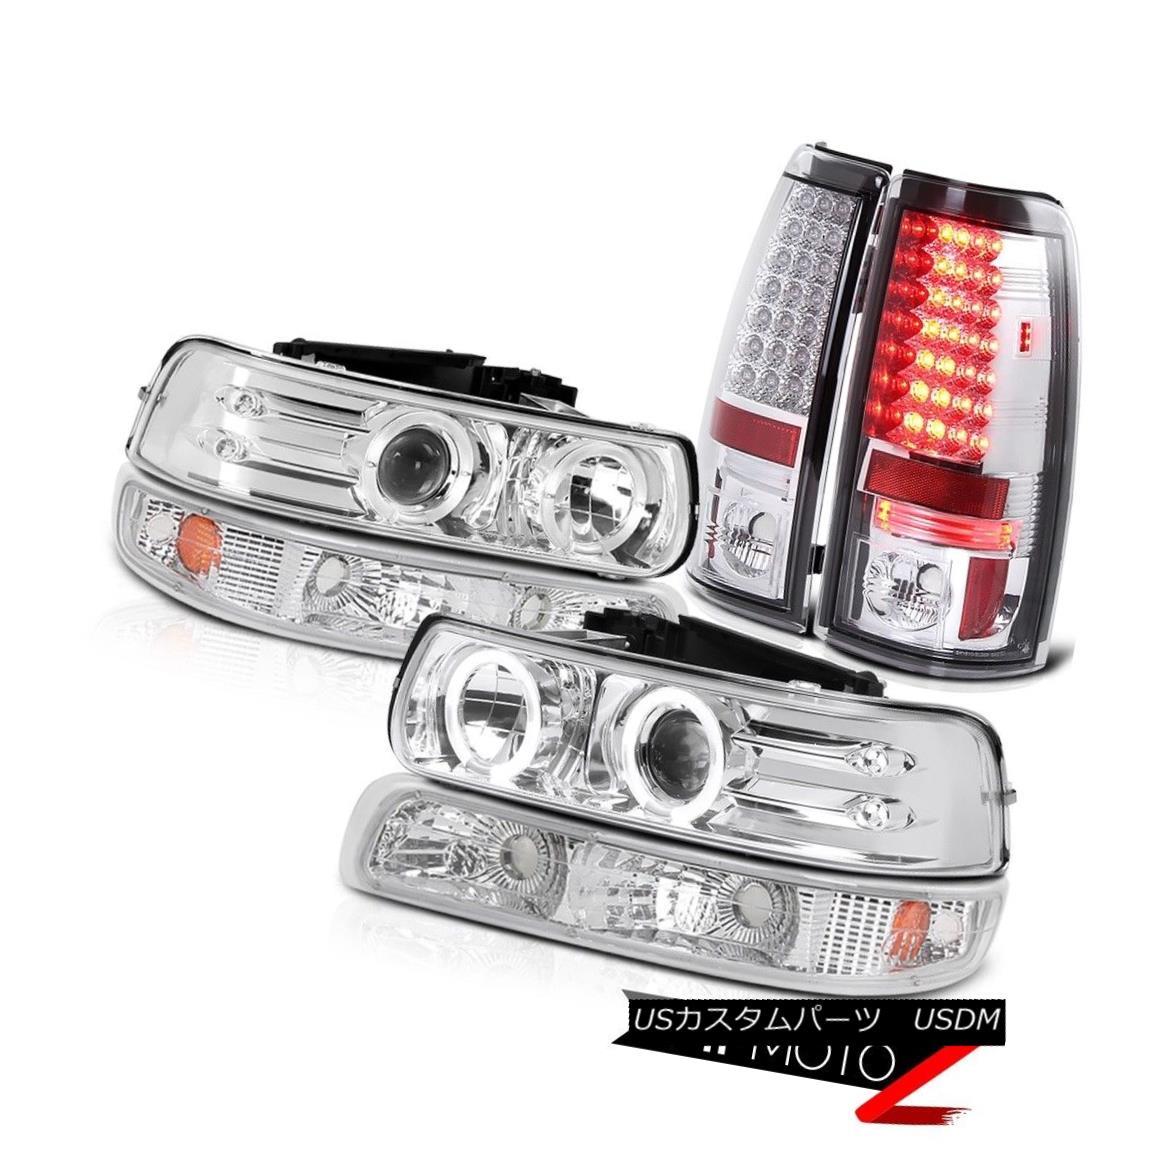 ヘッドライト 99-02 Silverado Crystal Clear Headlight+Amber Bumper Lamp+Chrome LED Tail Light 99-02 Silveradoクリスタルクリアヘッドライト+ Ambe  rバンパーランプ+クロームLEDテールライト